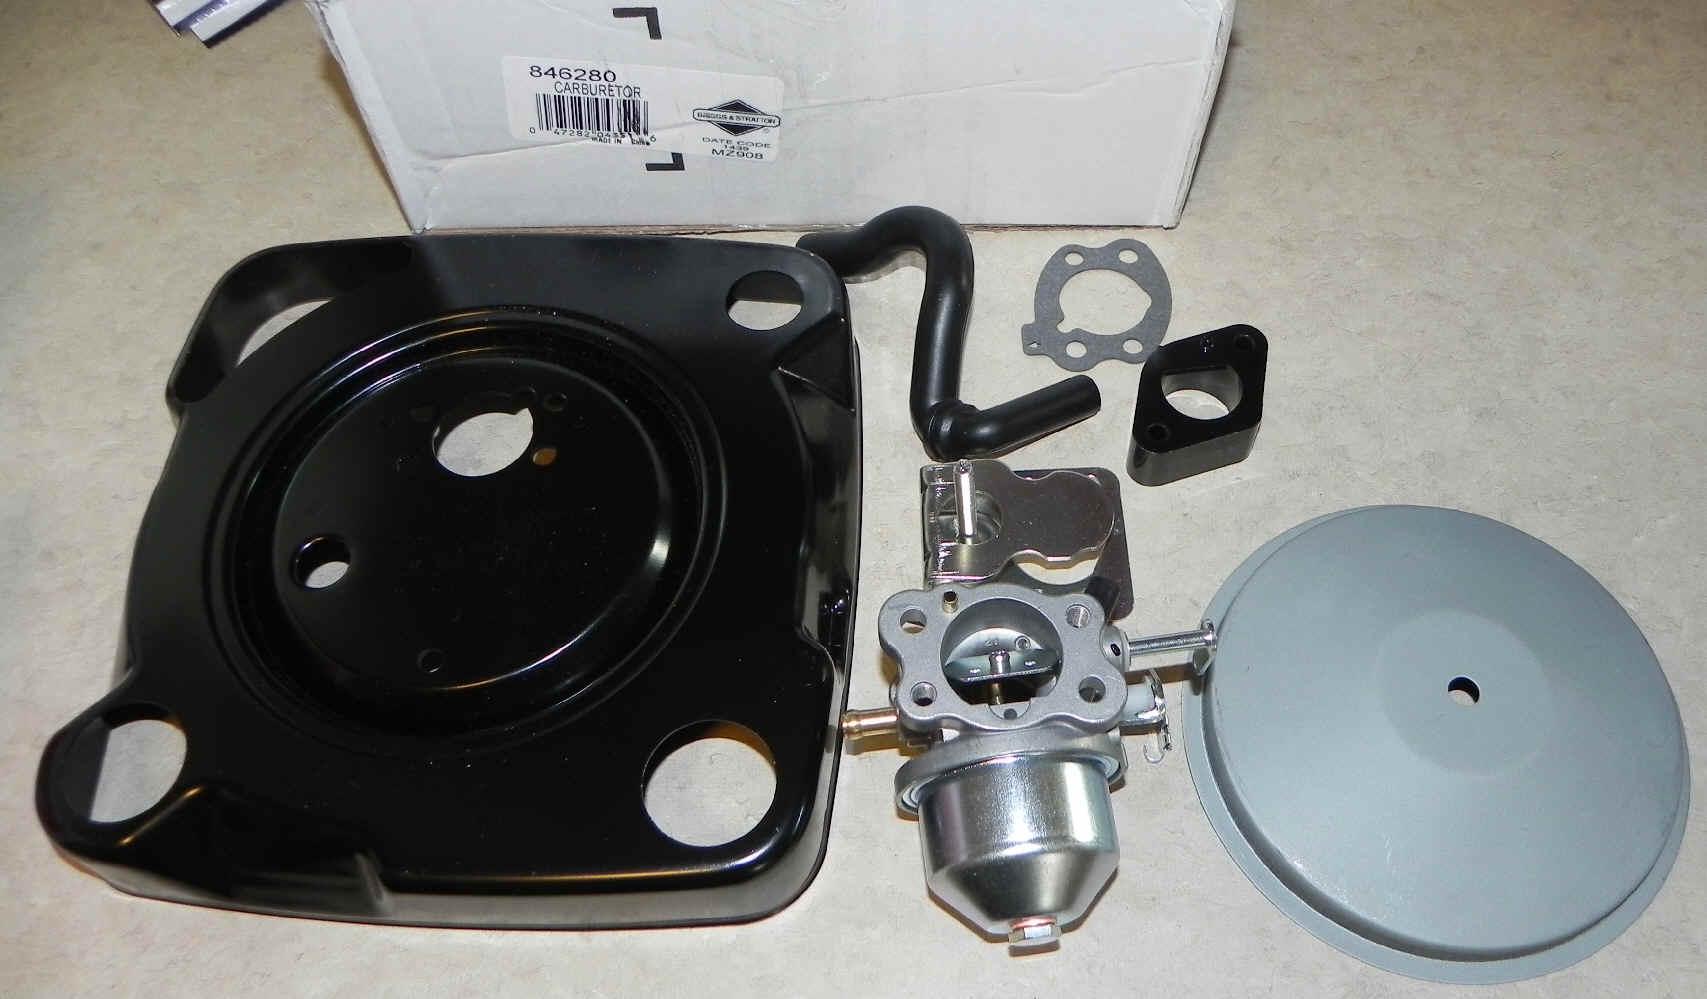 Briggs Stratton Carburetor Part No. 846280